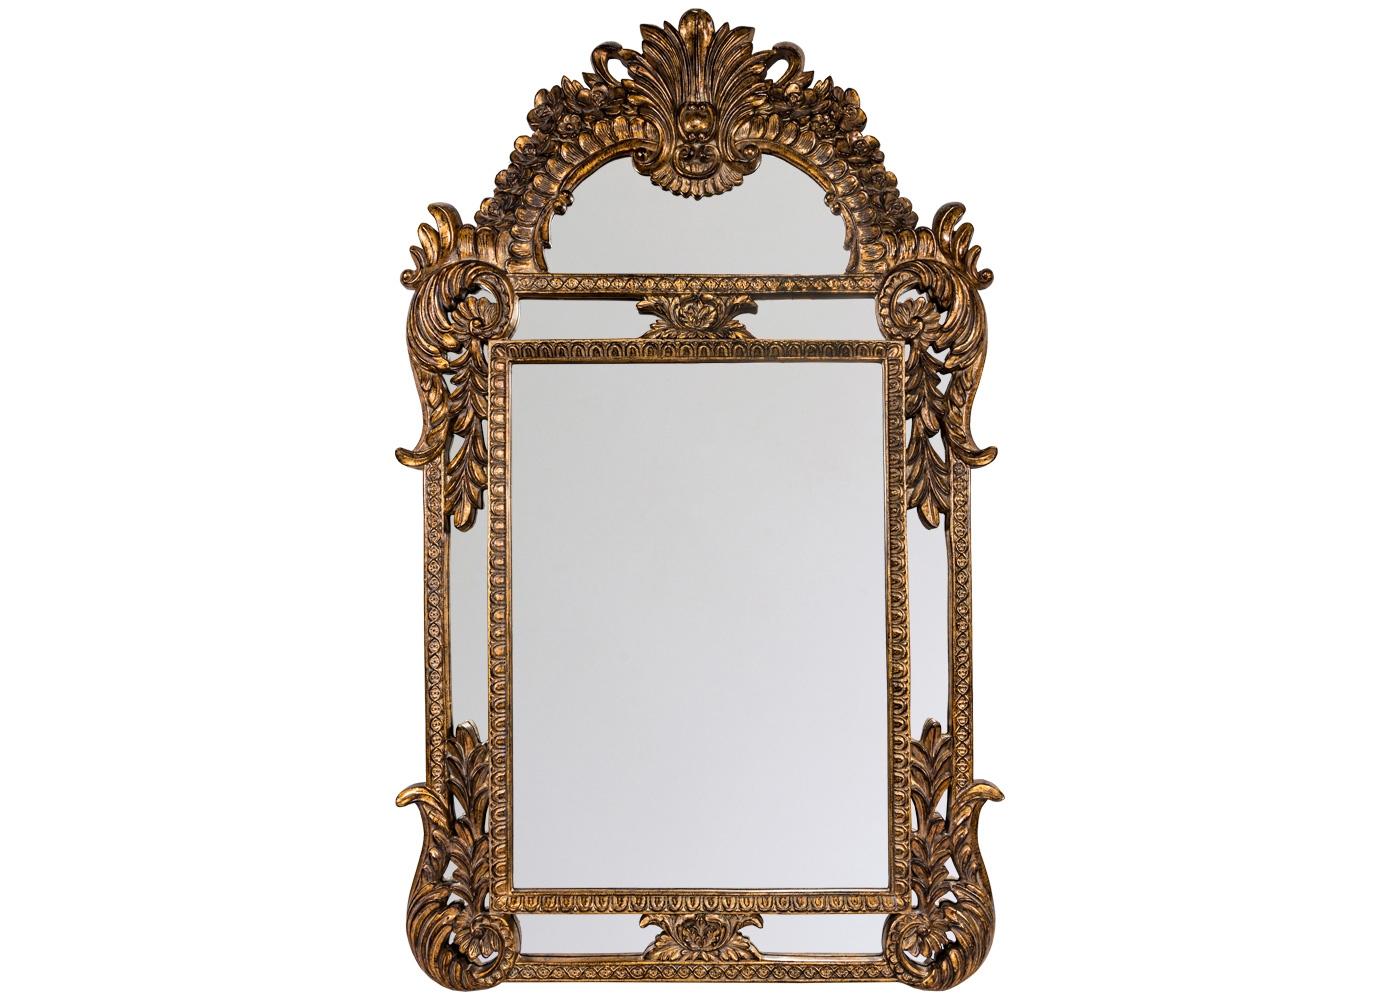 Настенное зеркало «Дакота»Настенные зеркала<br>Зеркало &amp;quot;Дакота&amp;quot; - достоверный экземпляр эпохи Возрождения, наградившей предметы интерьера пышными архитектурными деталями. Зеркало поражает роскошным многоярусным рельефом и поистине дворцовыми размерами. Сдержанный блеск красного золота задает безупречную гармонию любому интерьерному фону. Зеркало &amp;quot;Дакота&amp;quot; - фаворит гостиной комнаты, столовой, холла и прихожей. Расположившись в спальне, это зеркало тут же превратит её в роскошный будуар.<br><br>Material: Полиуретан<br>Ширина см: 104.0<br>Высота см: 170.0<br>Глубина см: 4